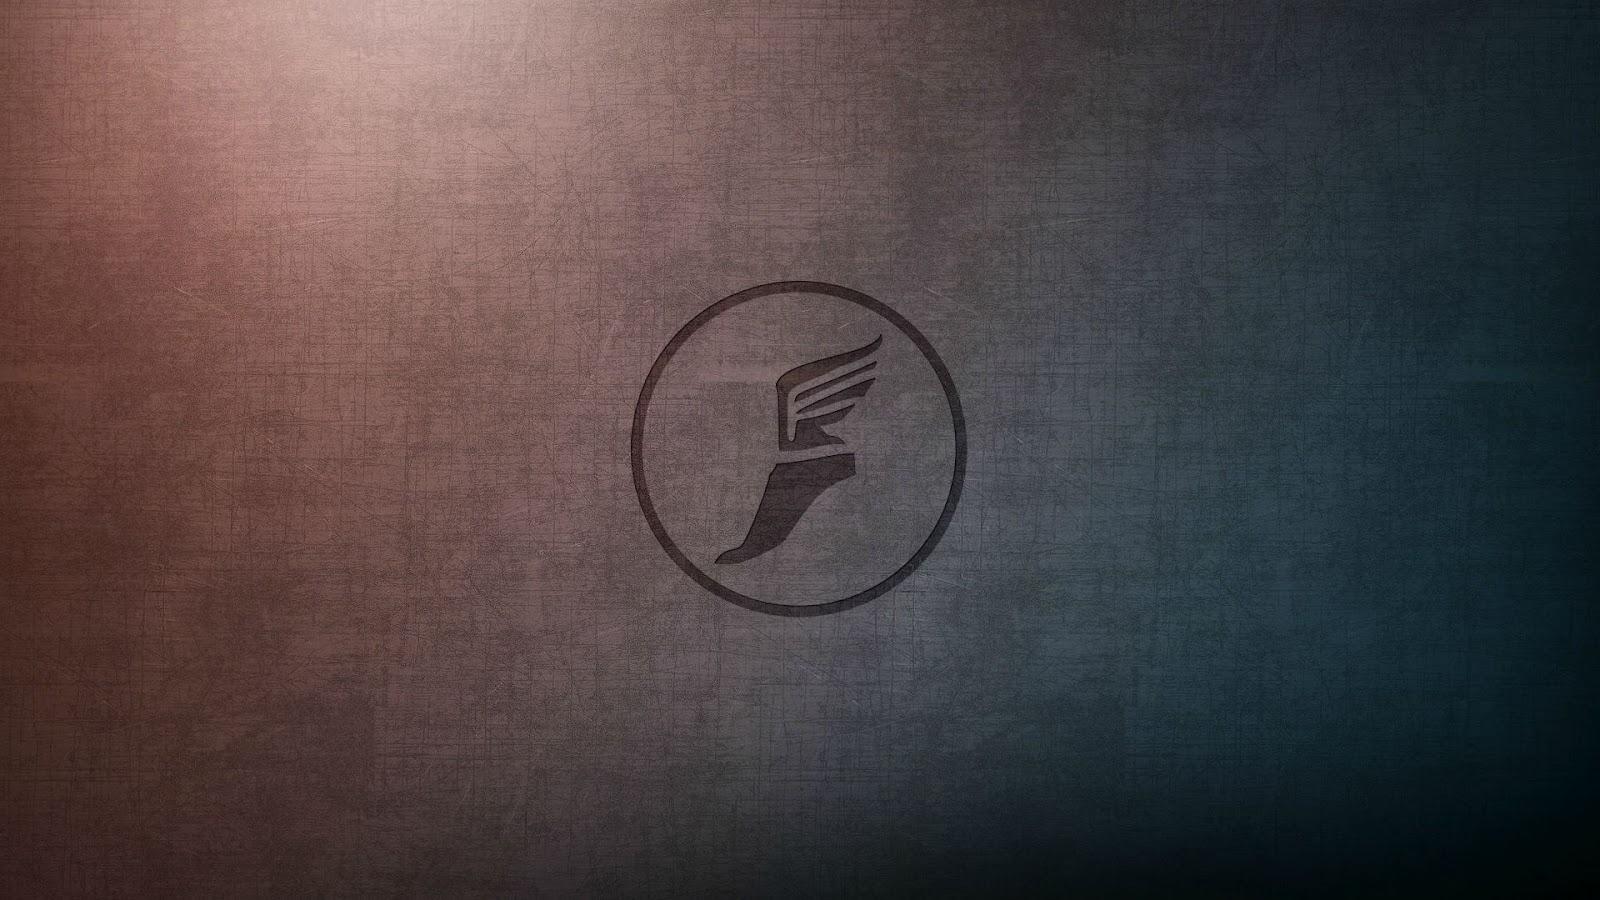 レディットとゲーム Team Fortress 2 Tf2 のハイクオリティな壁紙